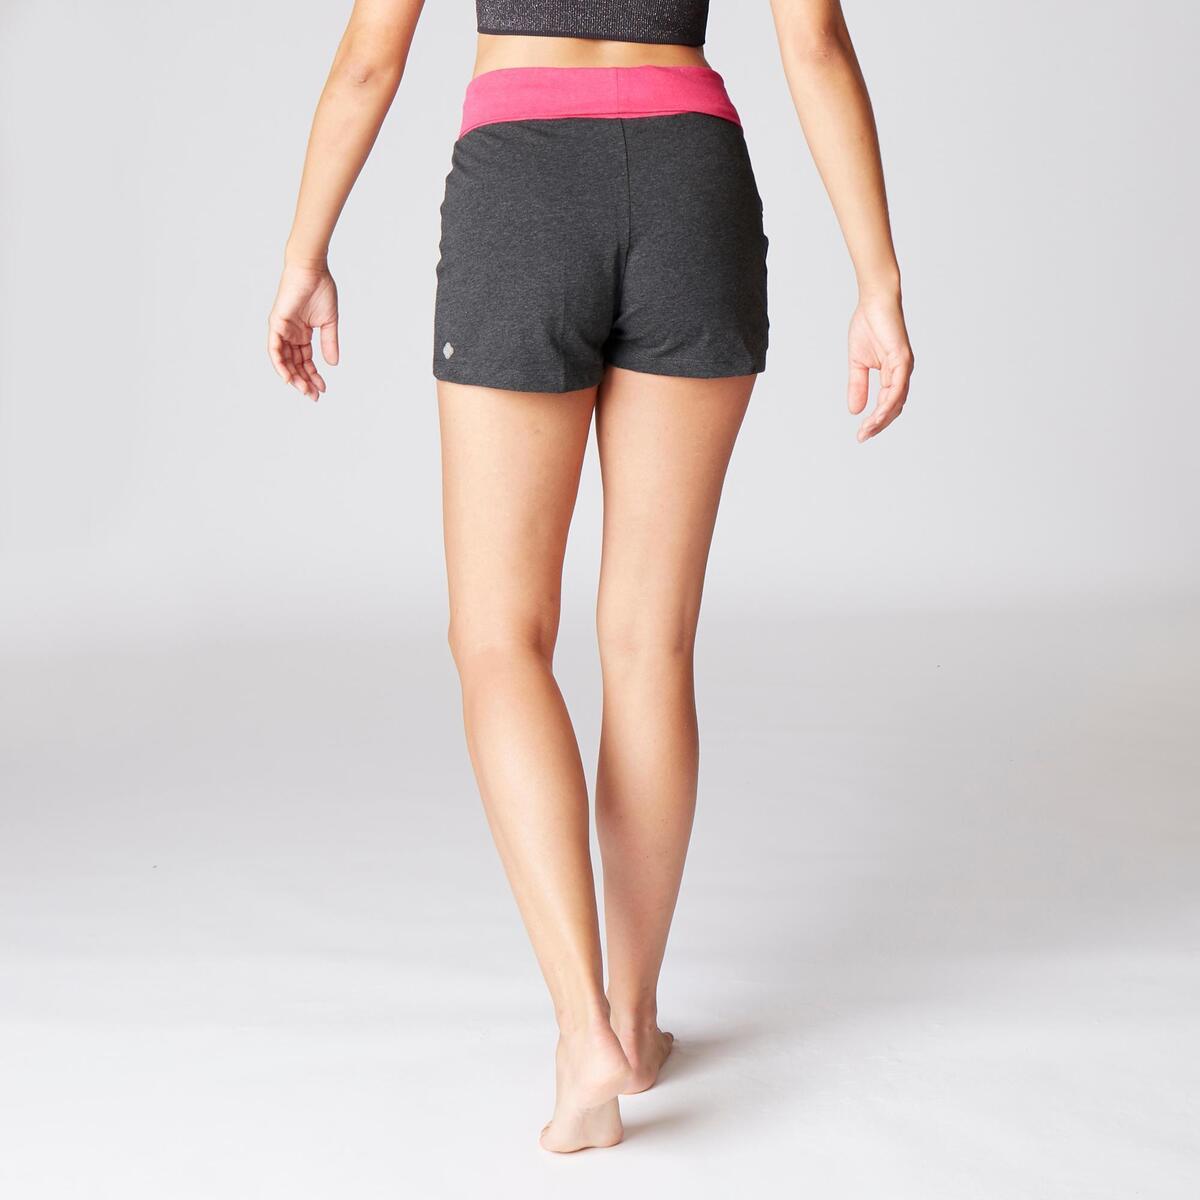 Bild 4 von Shorts sanftes Yoga Baumwolle aus biologischem Anbau Damen grau/rosa